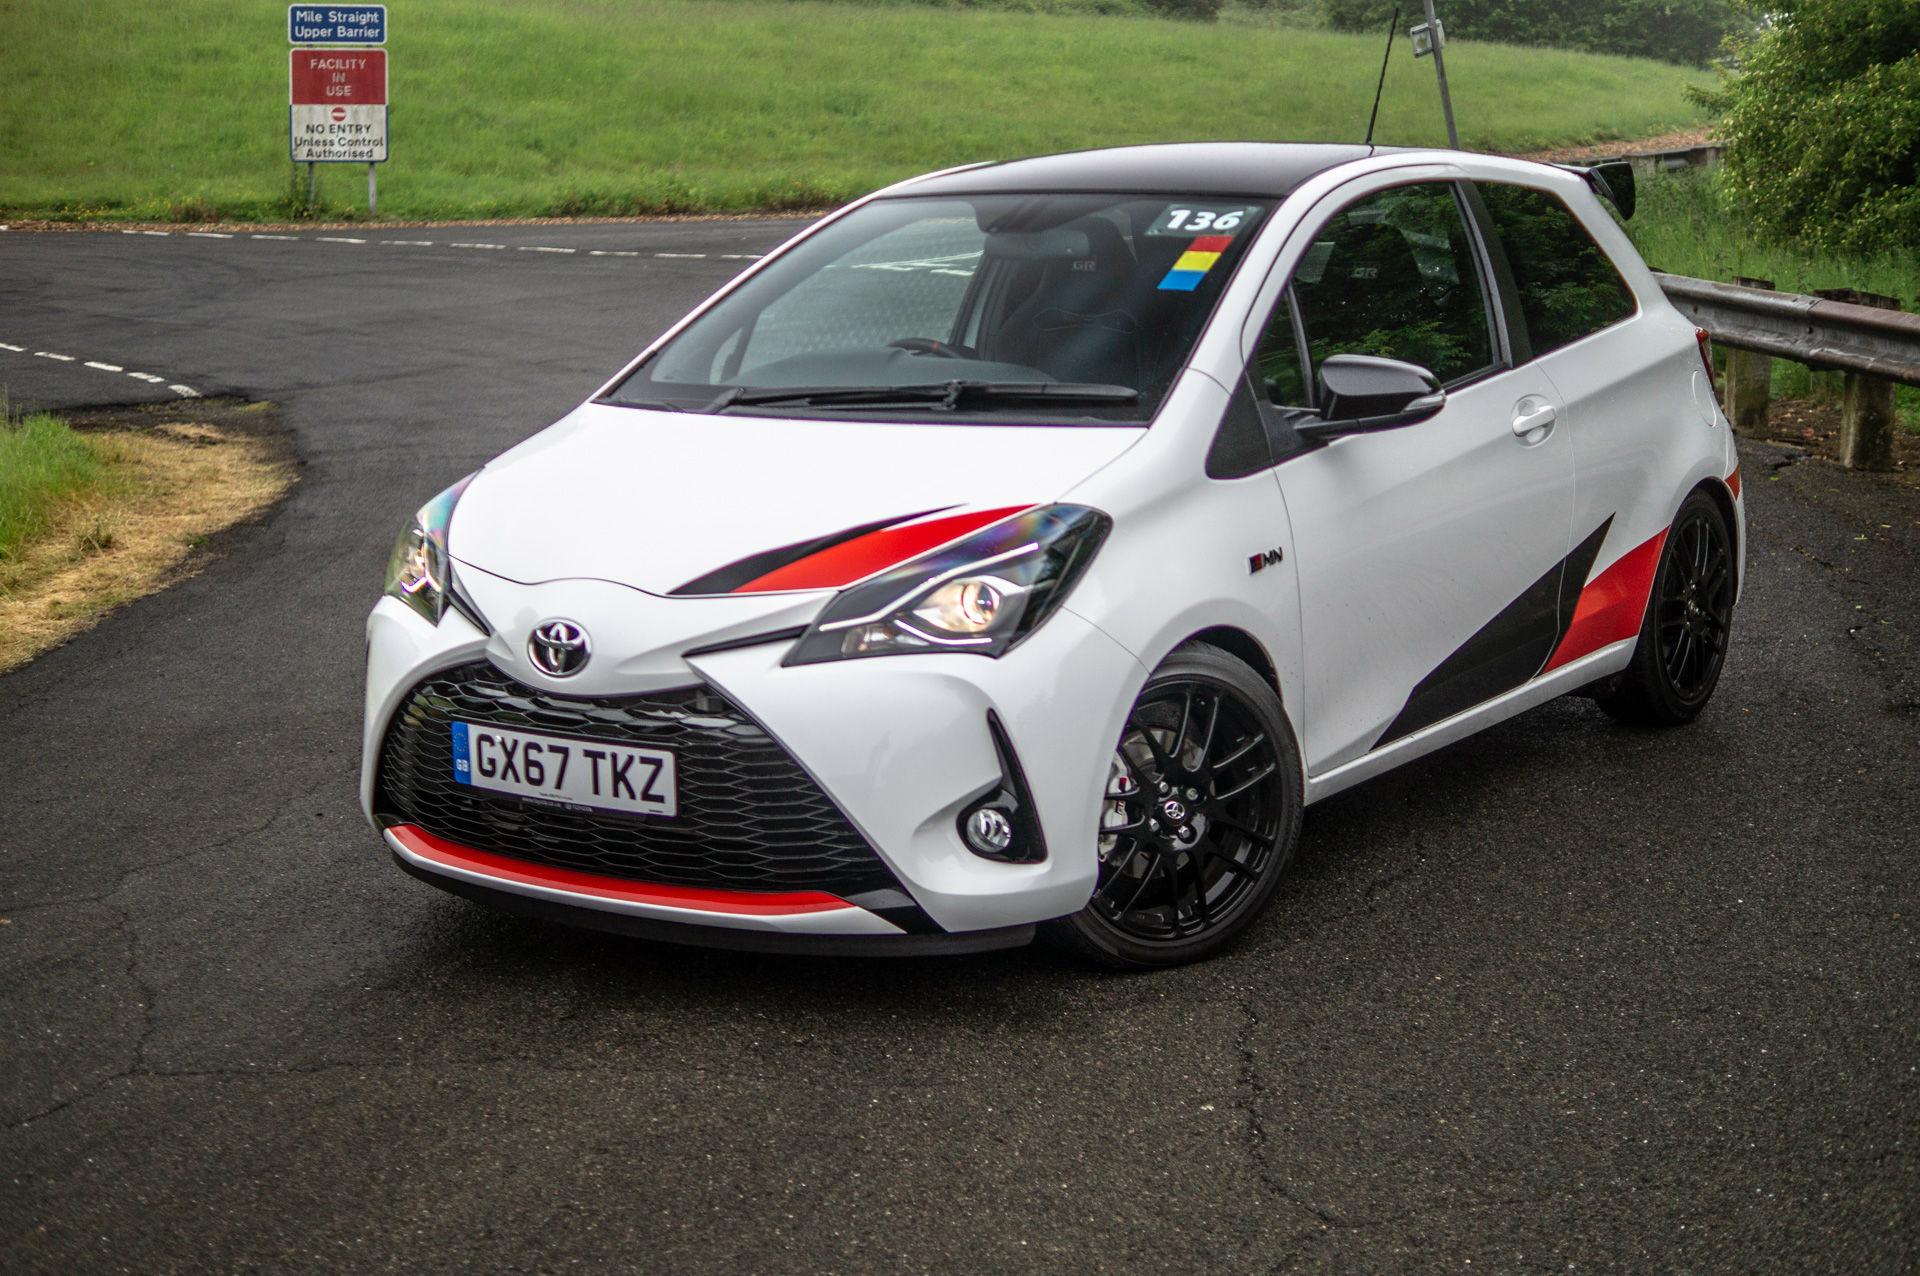 Toyota Yaris Grmn >> 10 Minutes With A Toyota Yaris Grmn Carwitter